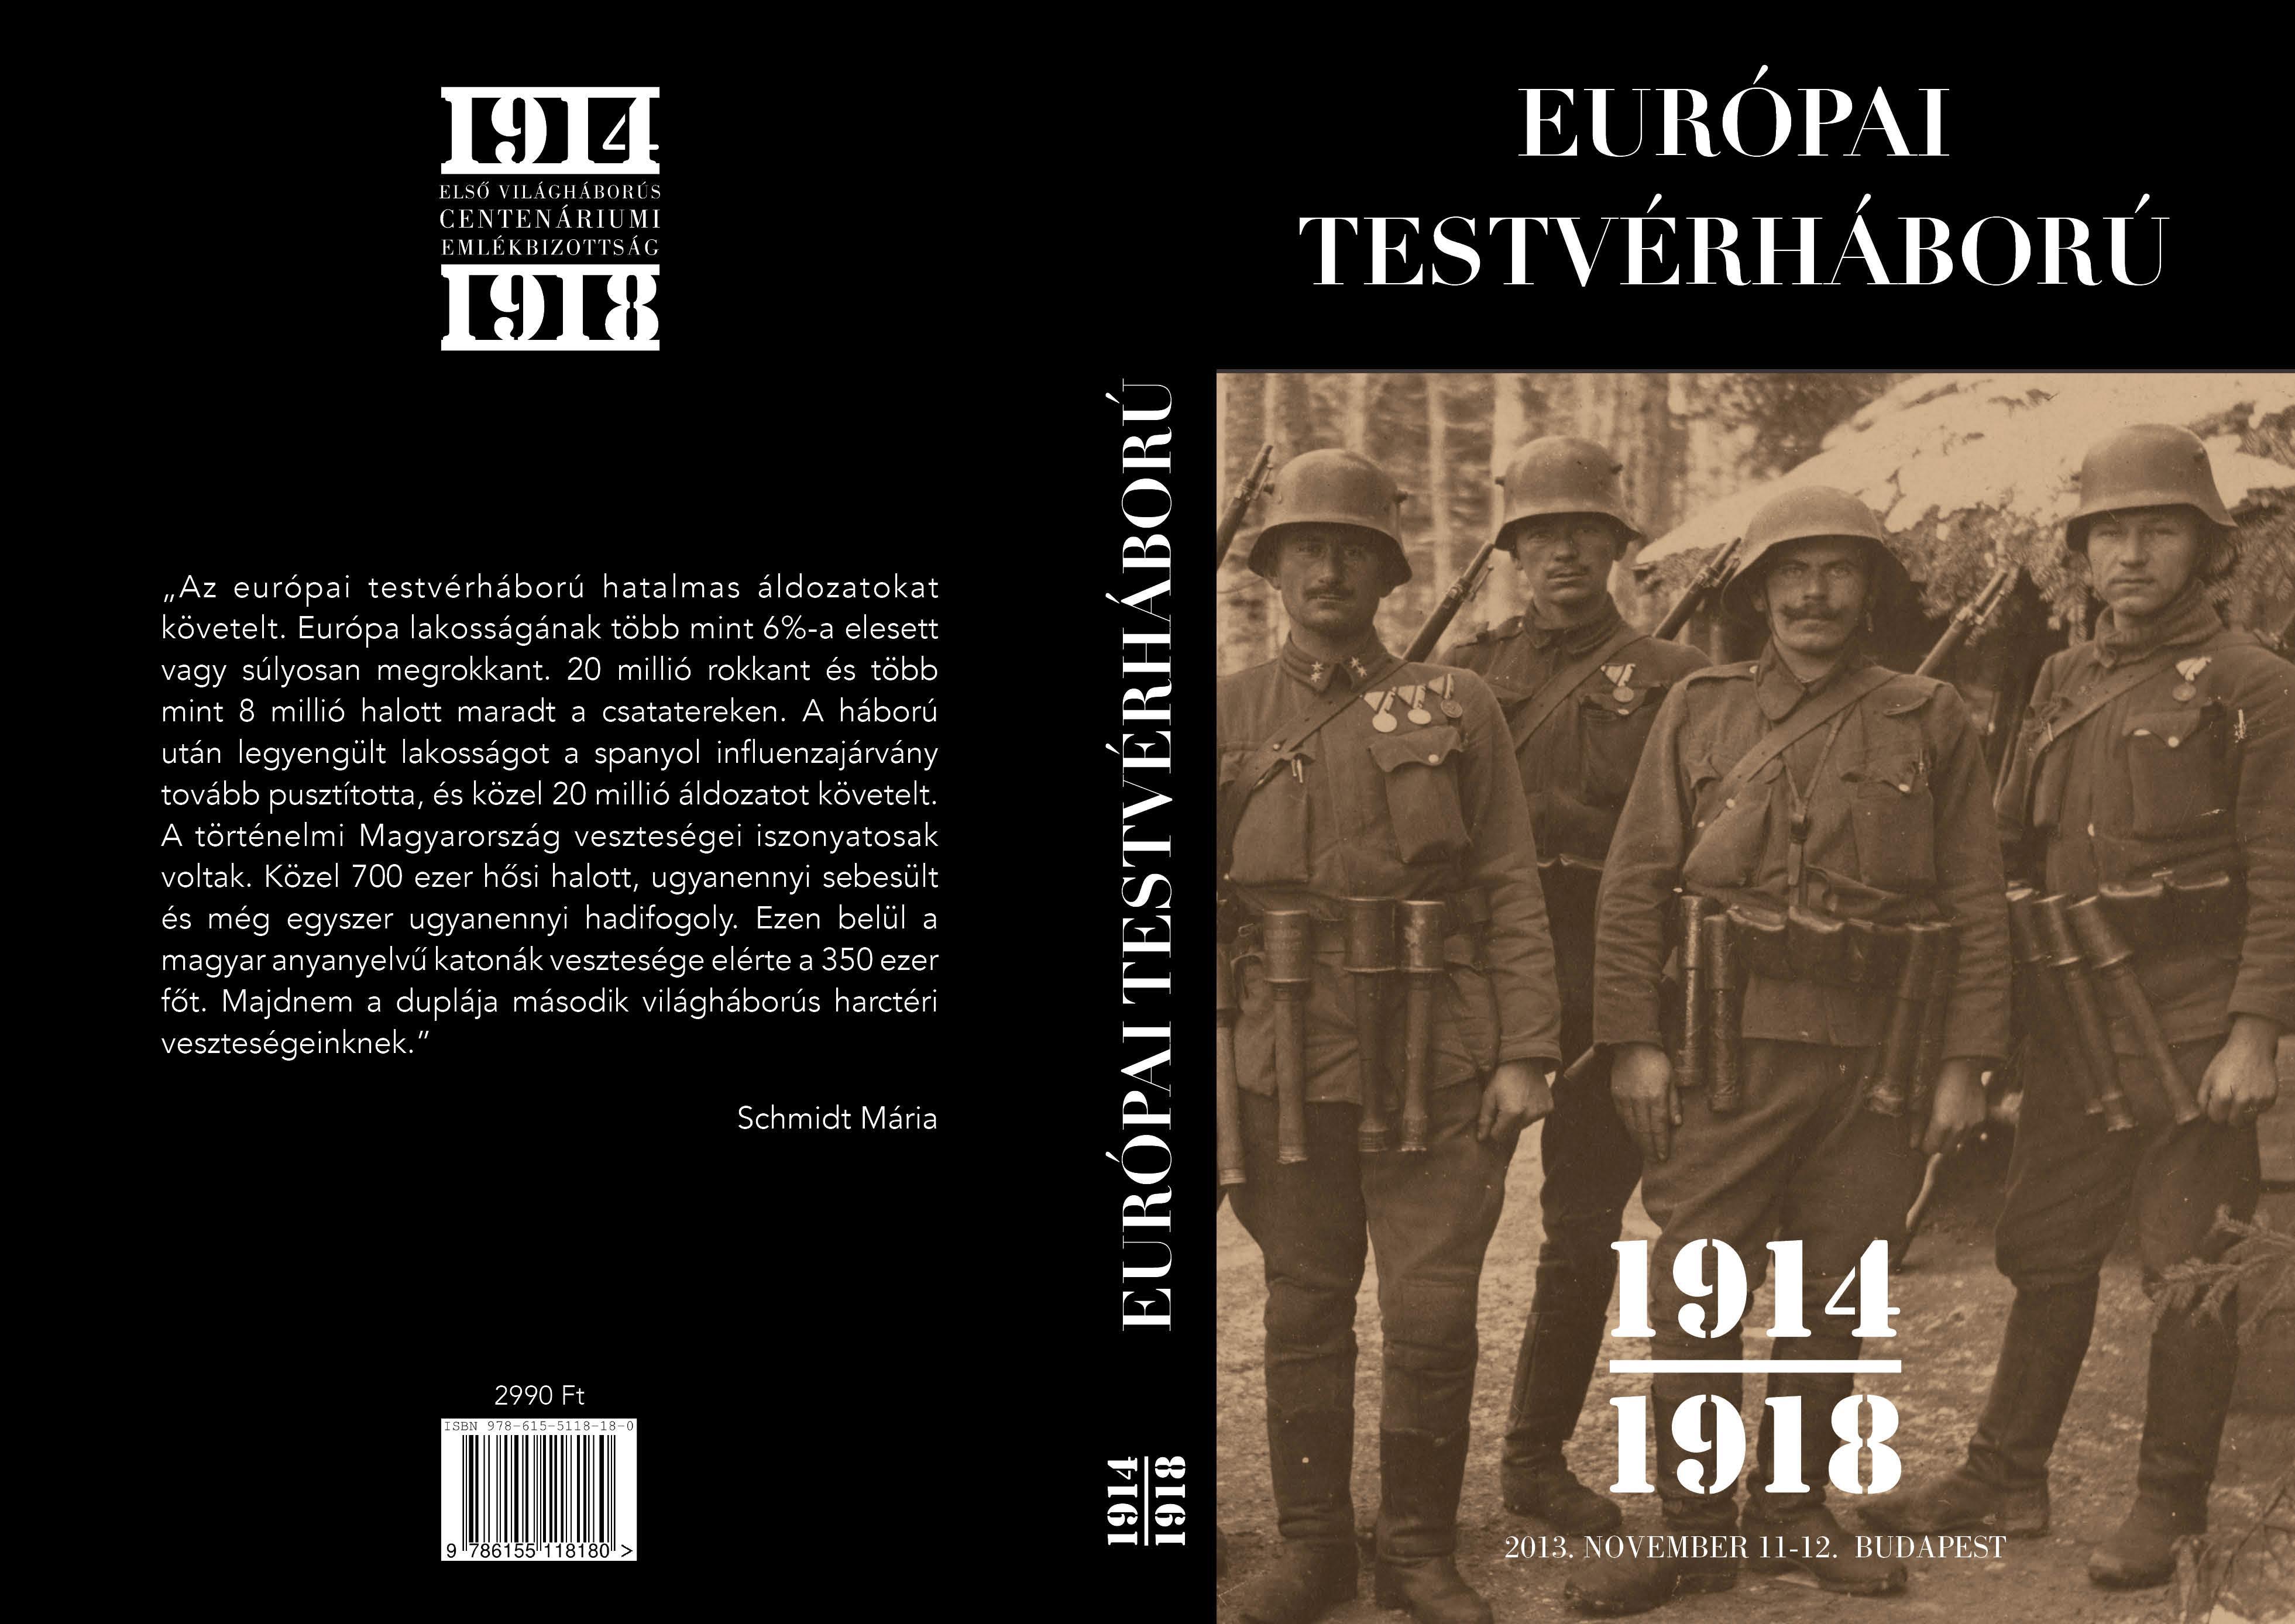 EURÓPAI TESTVÉRHÁBORÚ 1914-1918